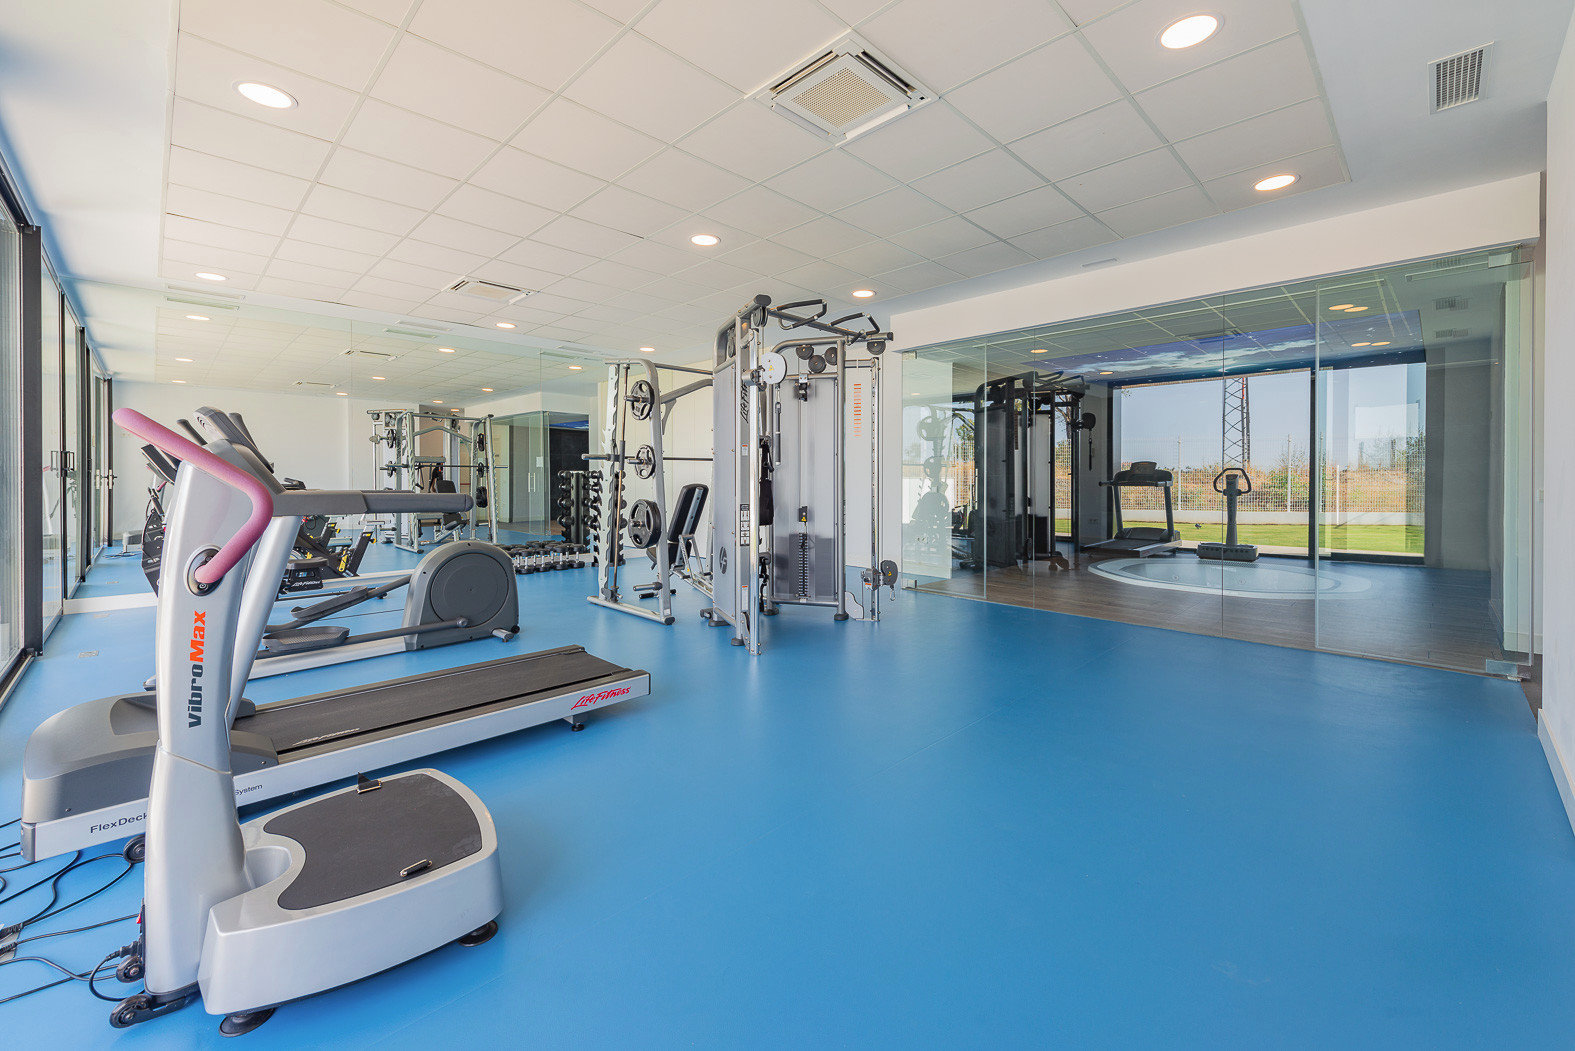 Privates Fitnessstudio.